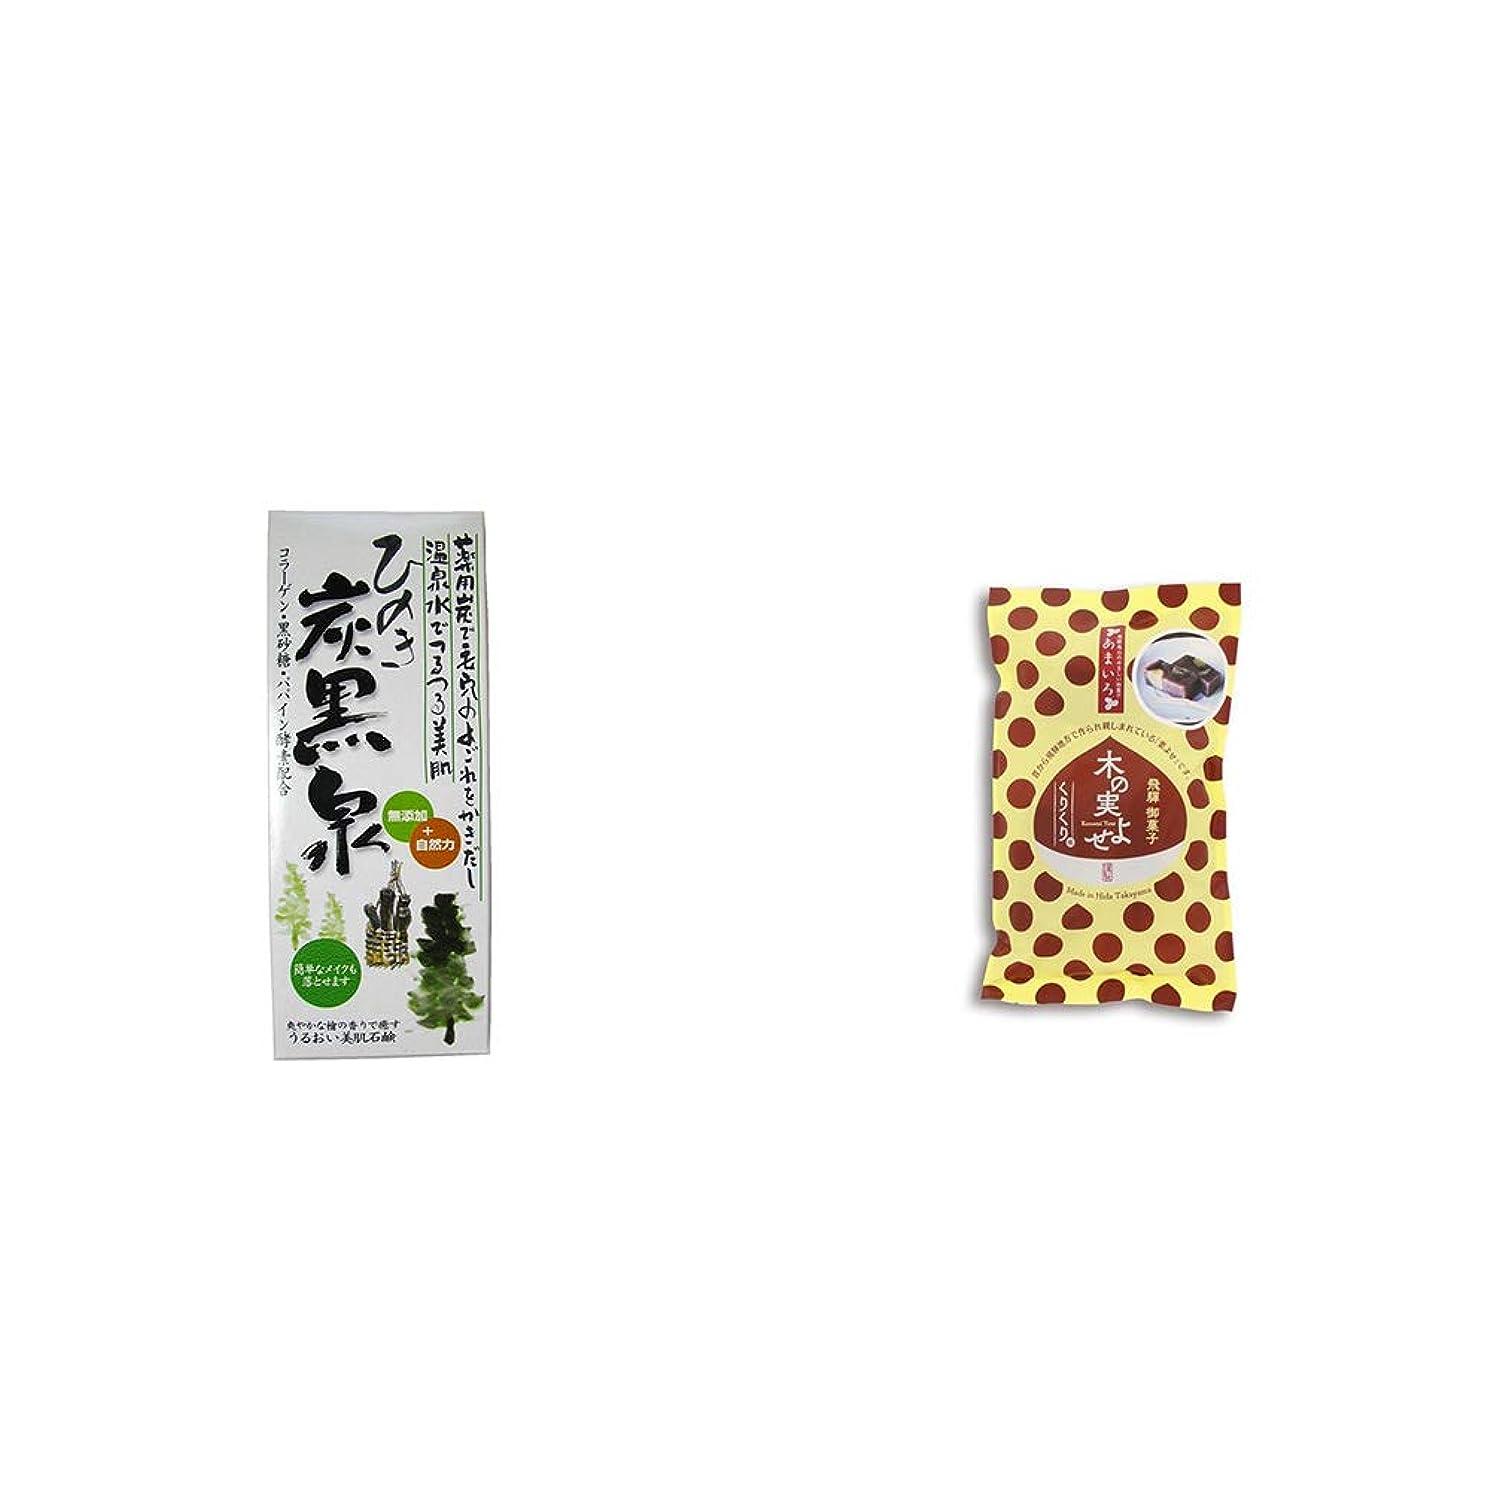 ピック悪用最小[2点セット] ひのき炭黒泉 箱入り(75g×3)?木の実よせ くりくり味(5個入)